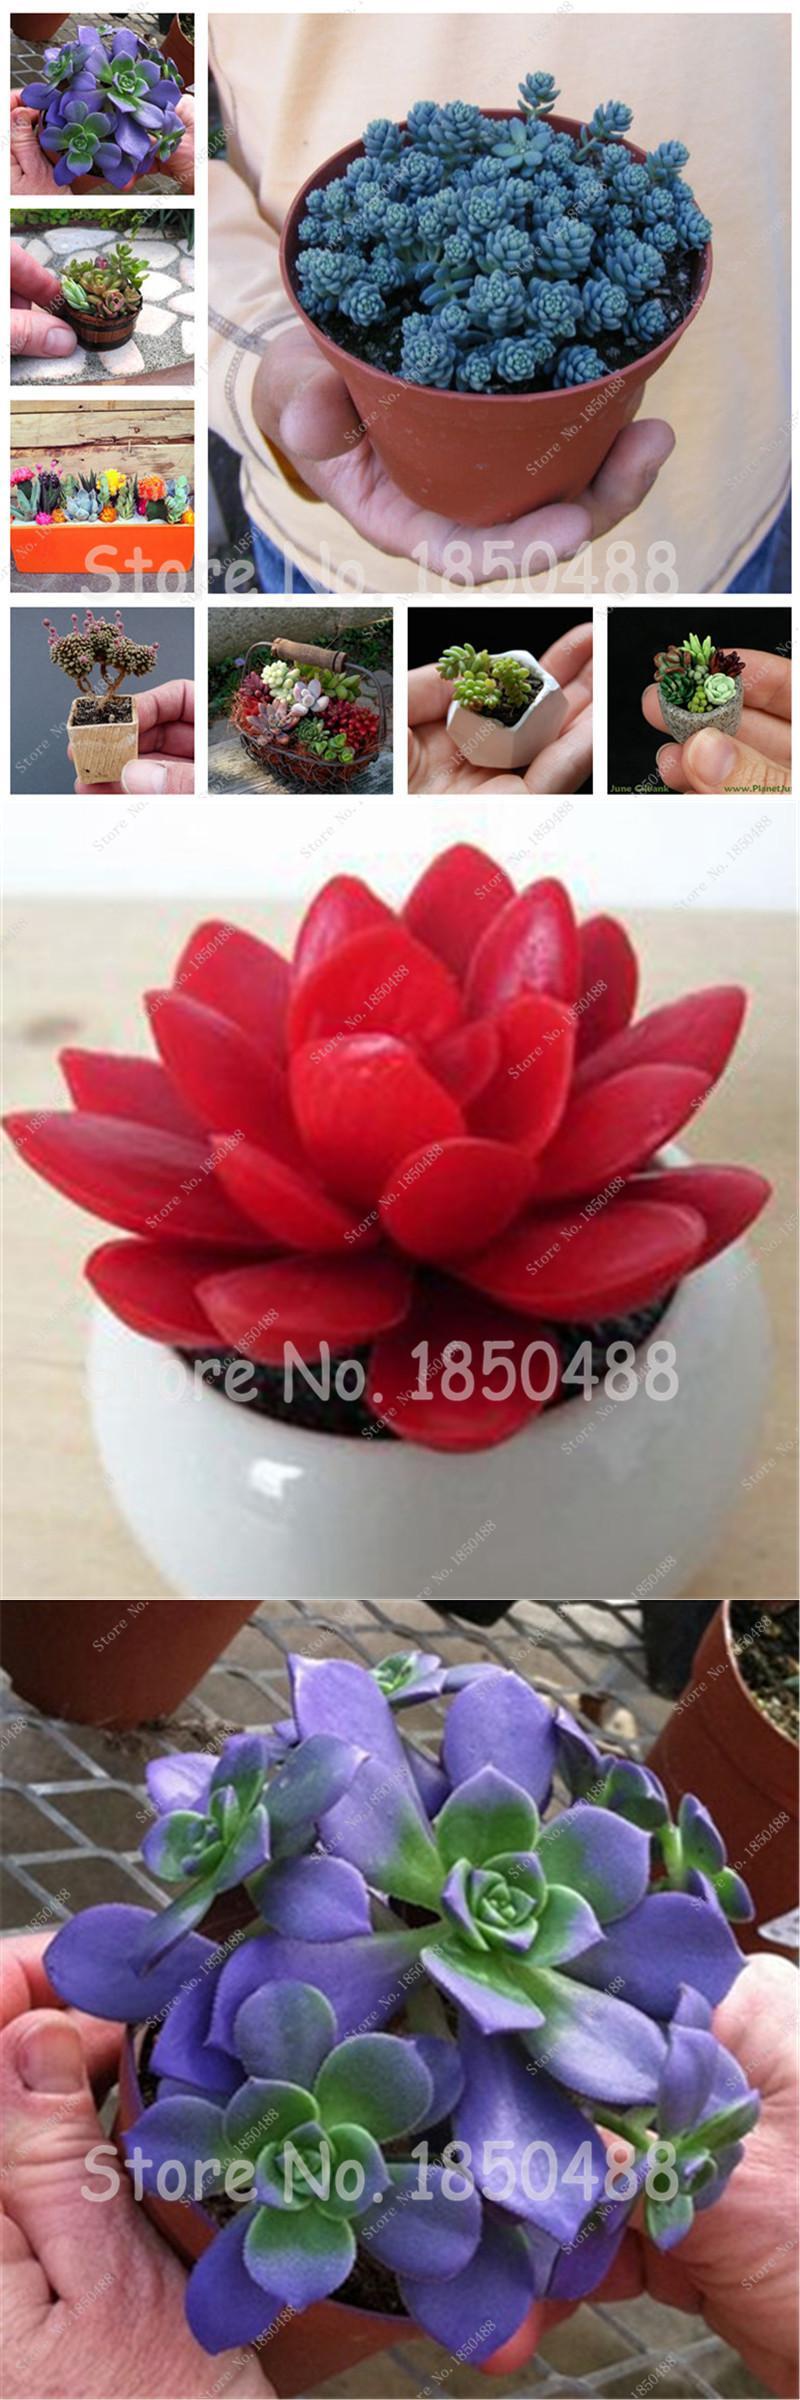 Visit To Buy Hot Sale 200 Succulent Plant Living Stones Lithops